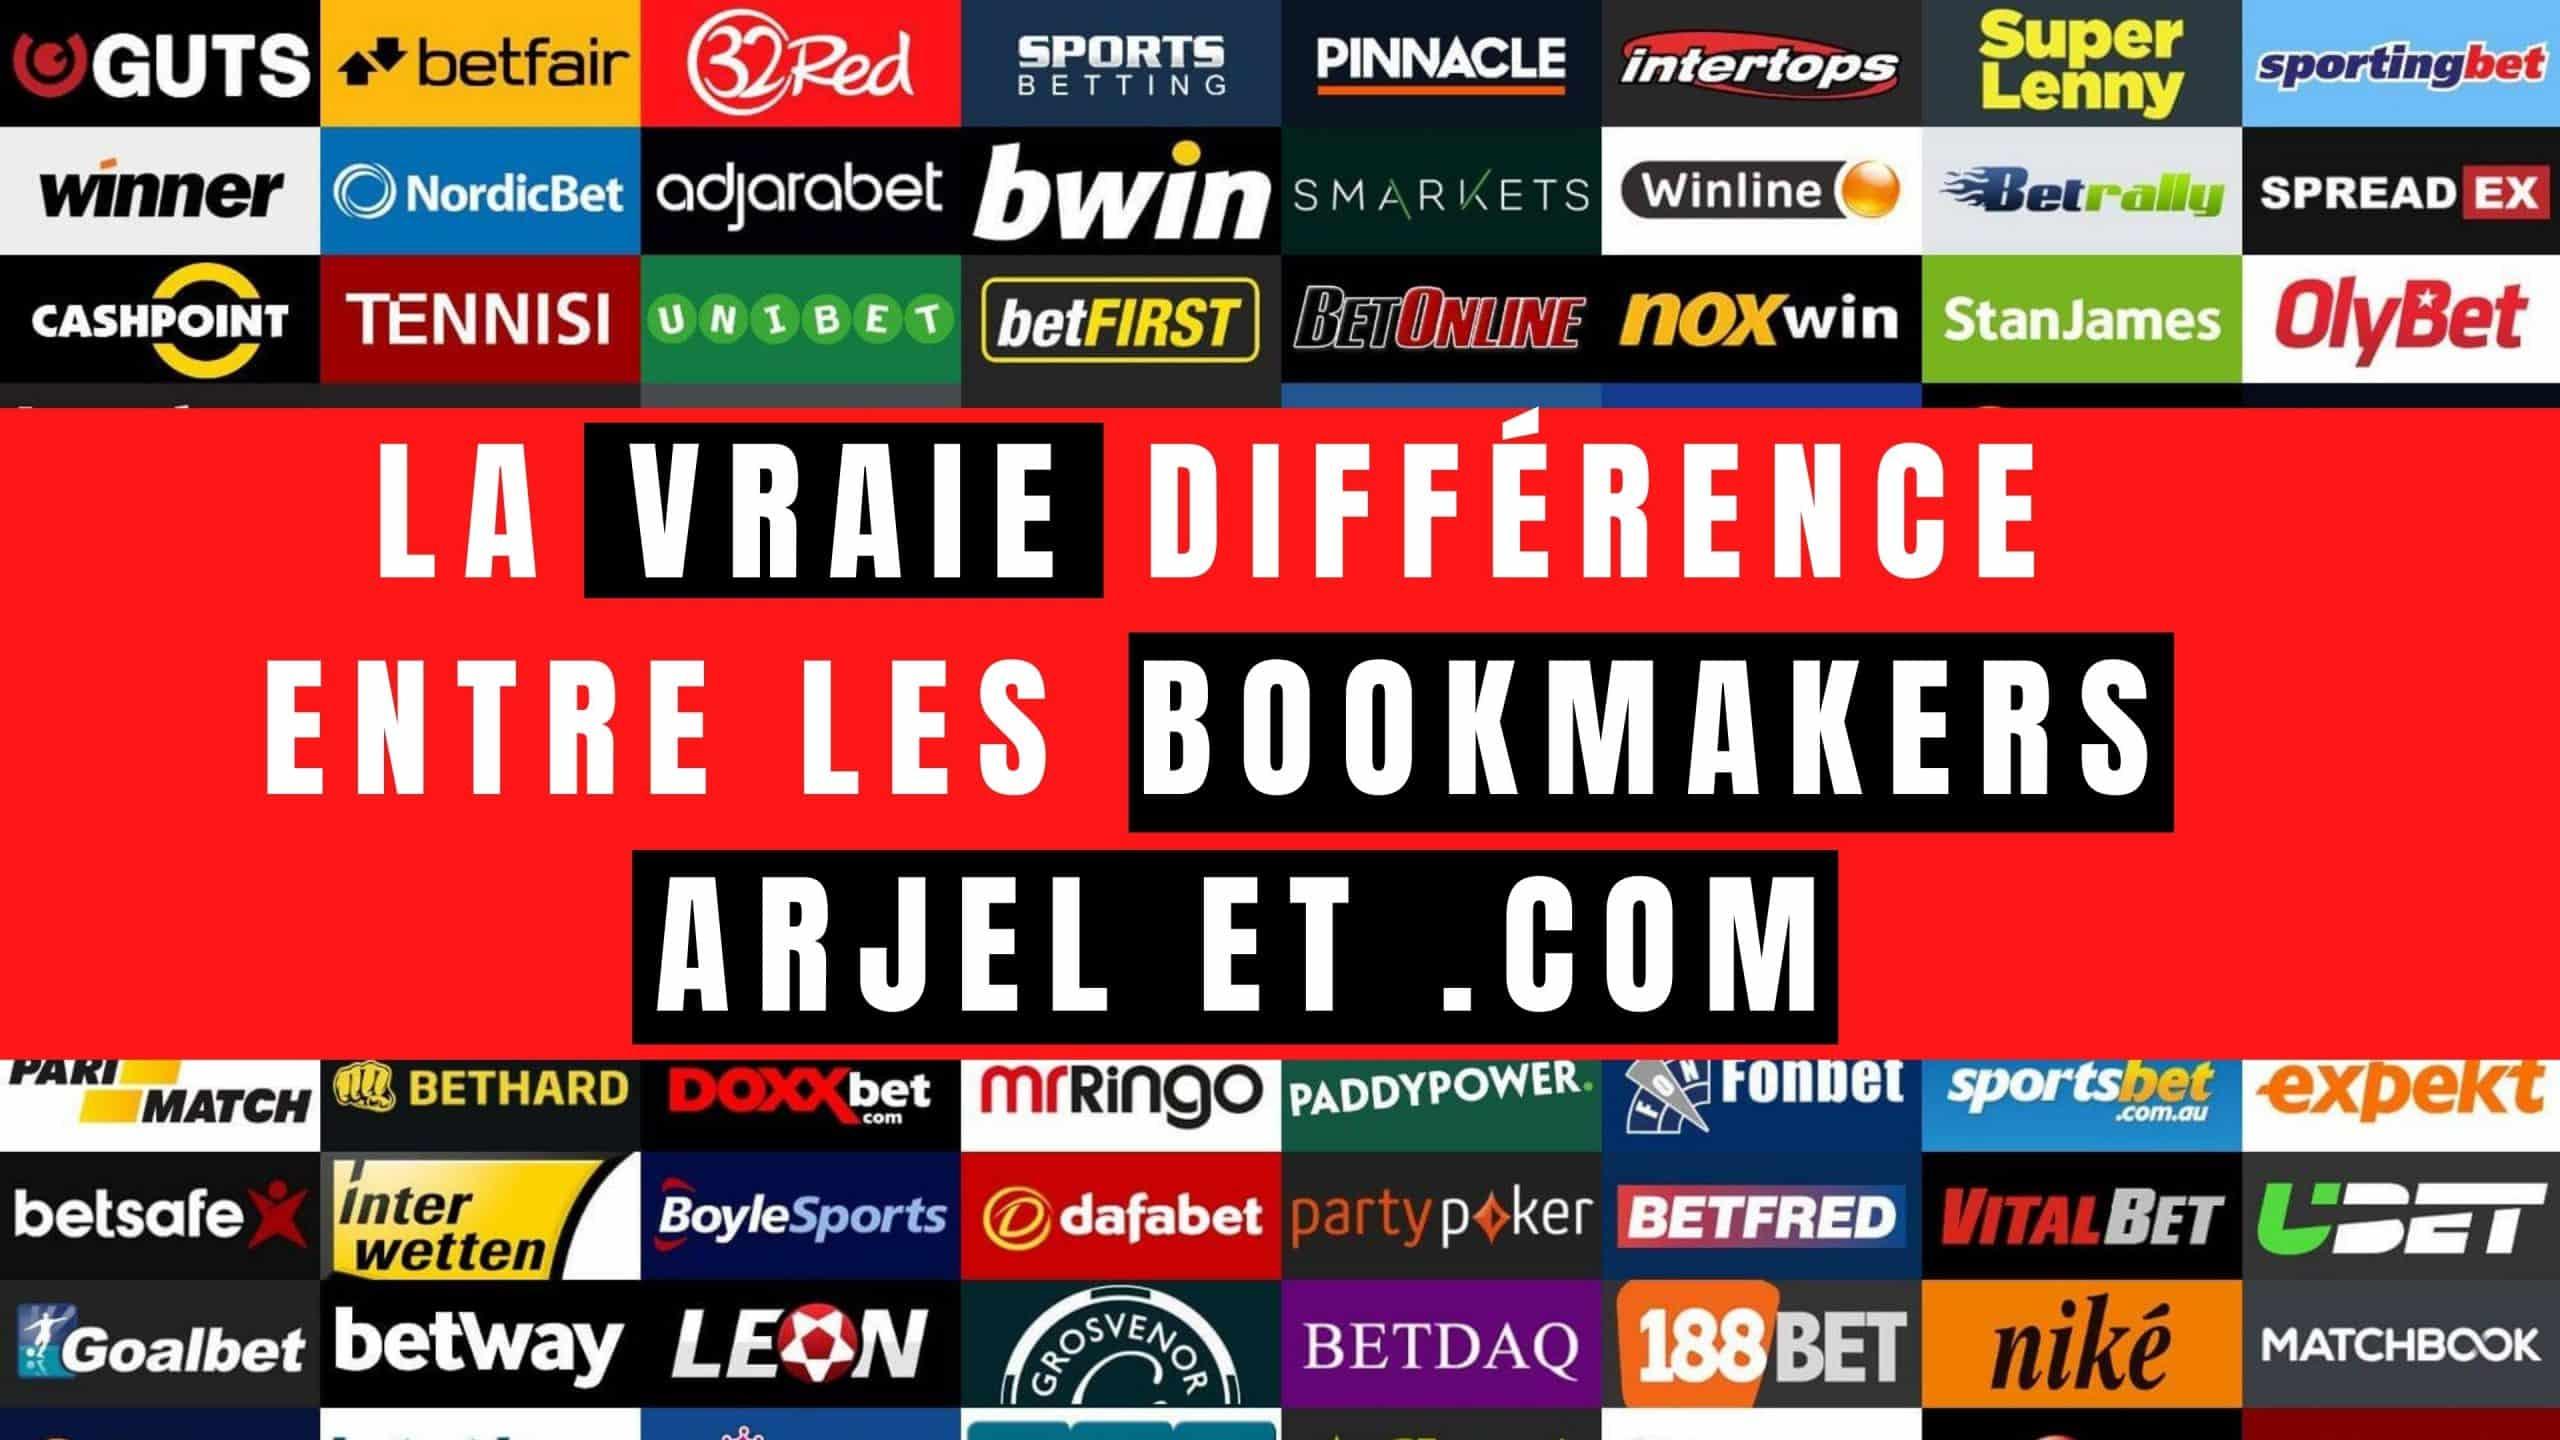 Quelle est la vraie différence entre les bookmakers ARJEL et .com